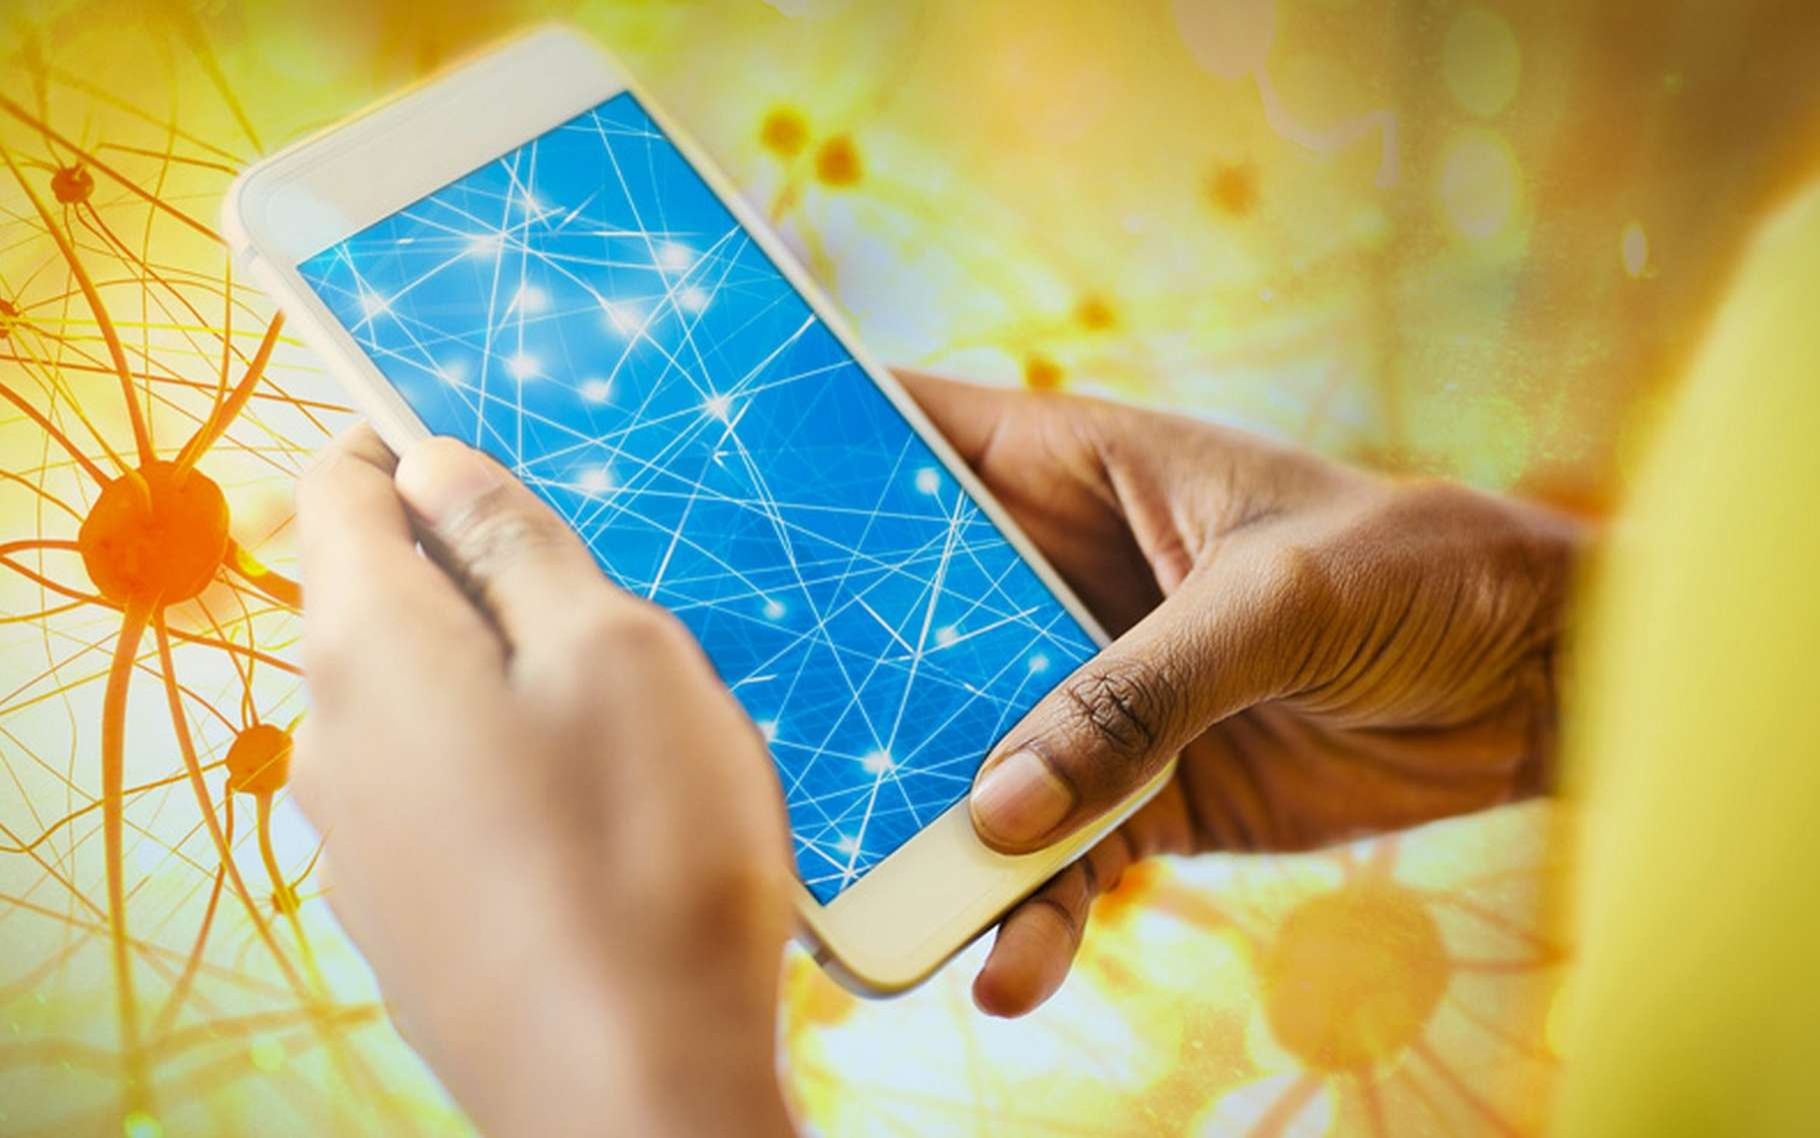 L'optimisation énergétique des réseaux neuronaux est la clé de l'intégration de l'intelligence artificielle dans les terminaux mobiles. © Jose-Luis Olivares, MIT